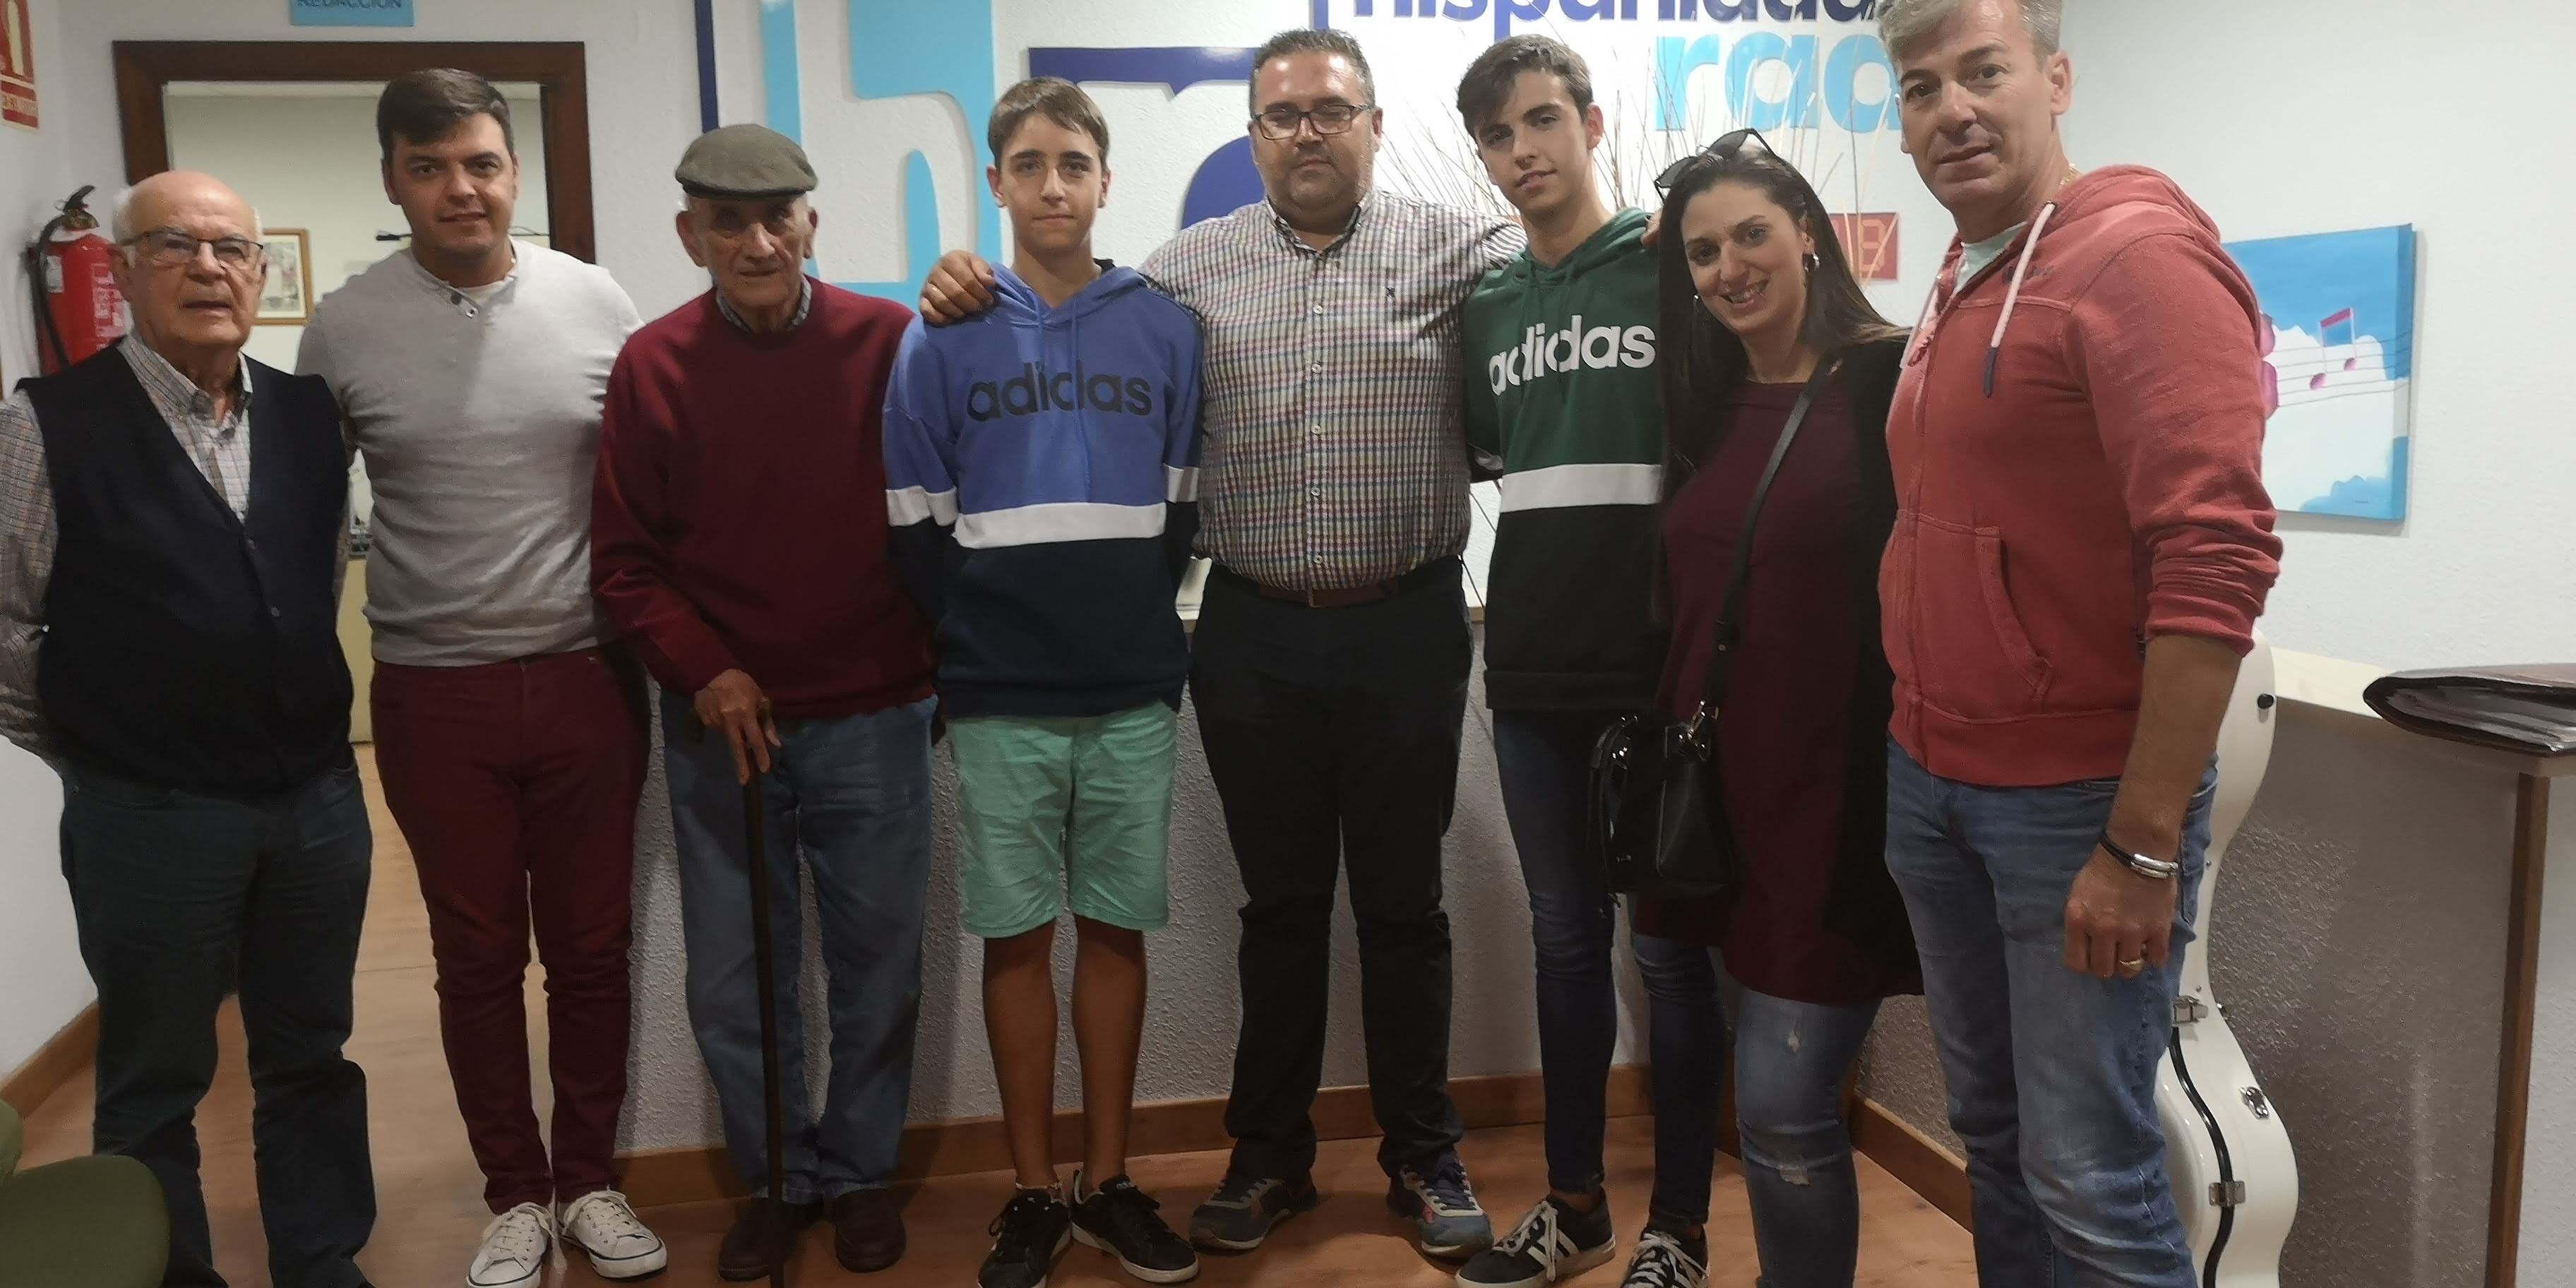 De Pueblo a Pueblo 16-10-2019 Tharsis